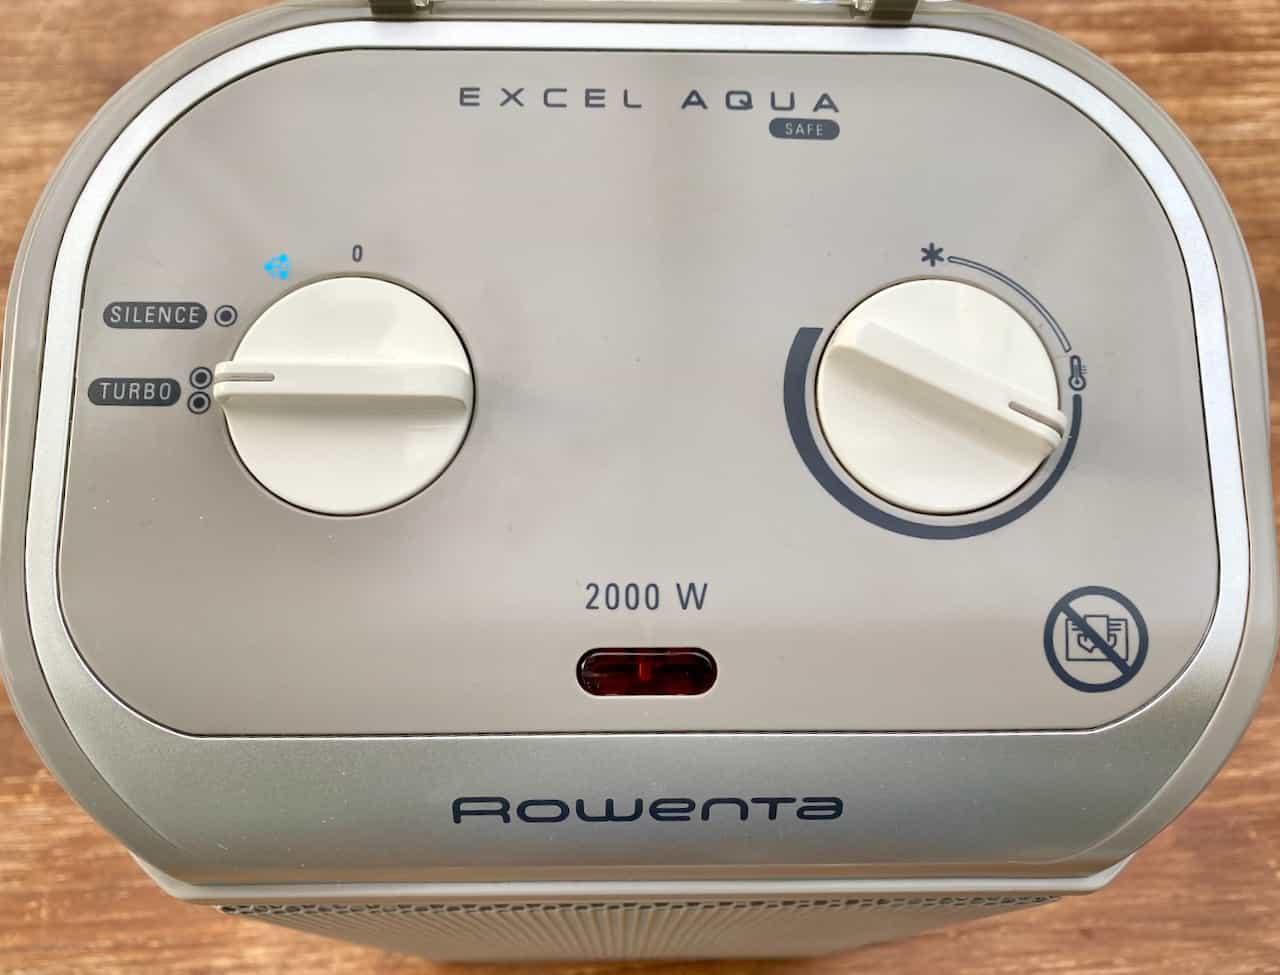 Rowenta-SO9280-Excel-Aqua-Safe-Keramik-Heizlüfter-Bedienelemente